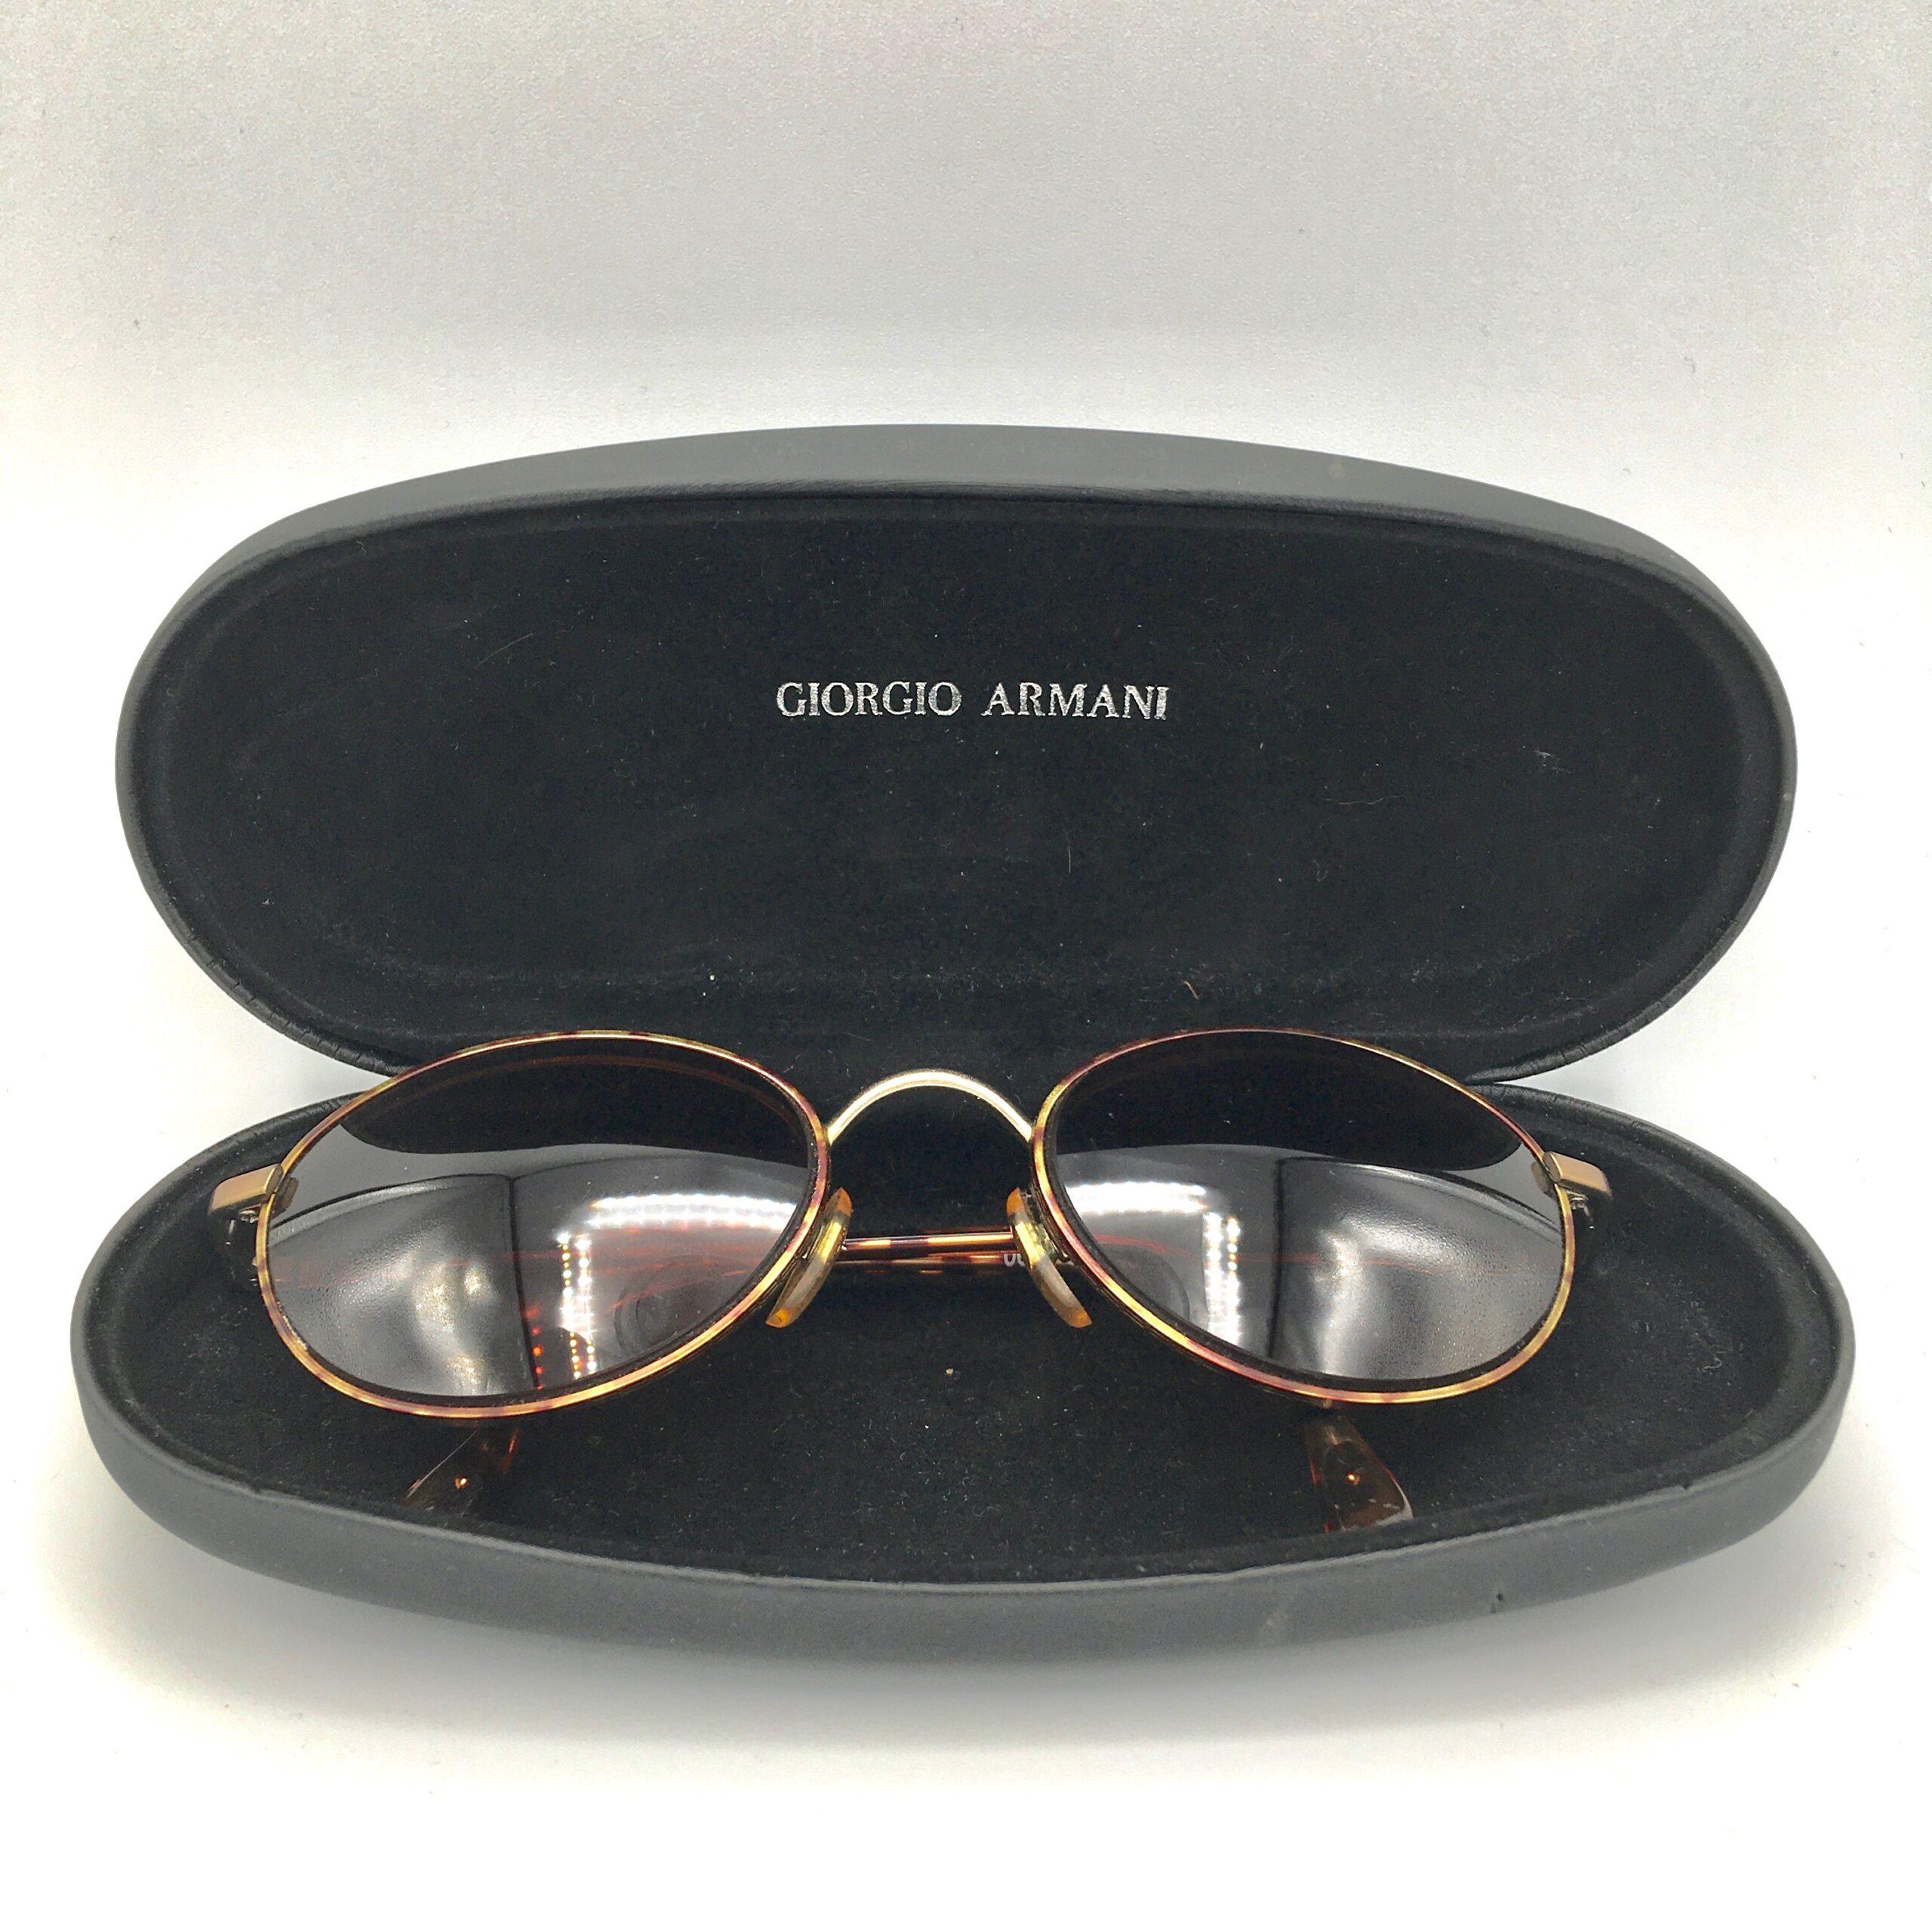 Vintage Armani Sunglasses